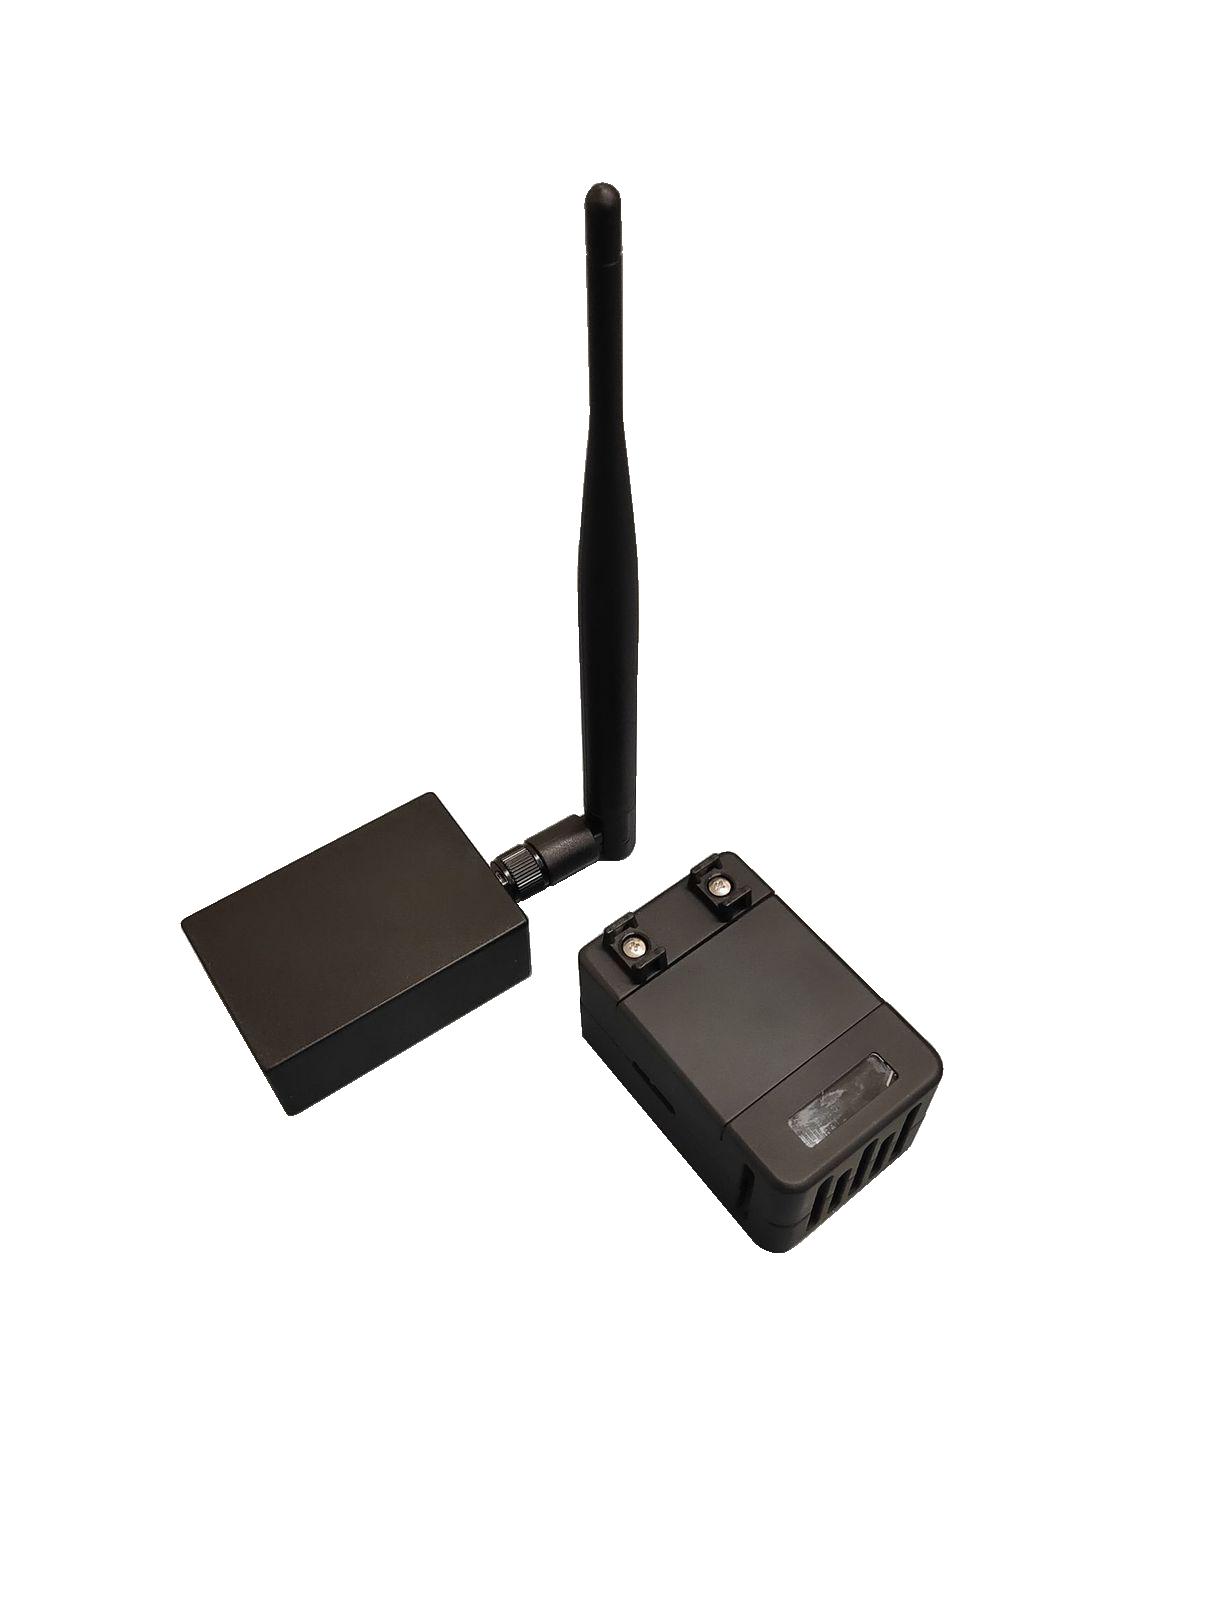 無線中継器(親機)とセンサーユニット(子機)